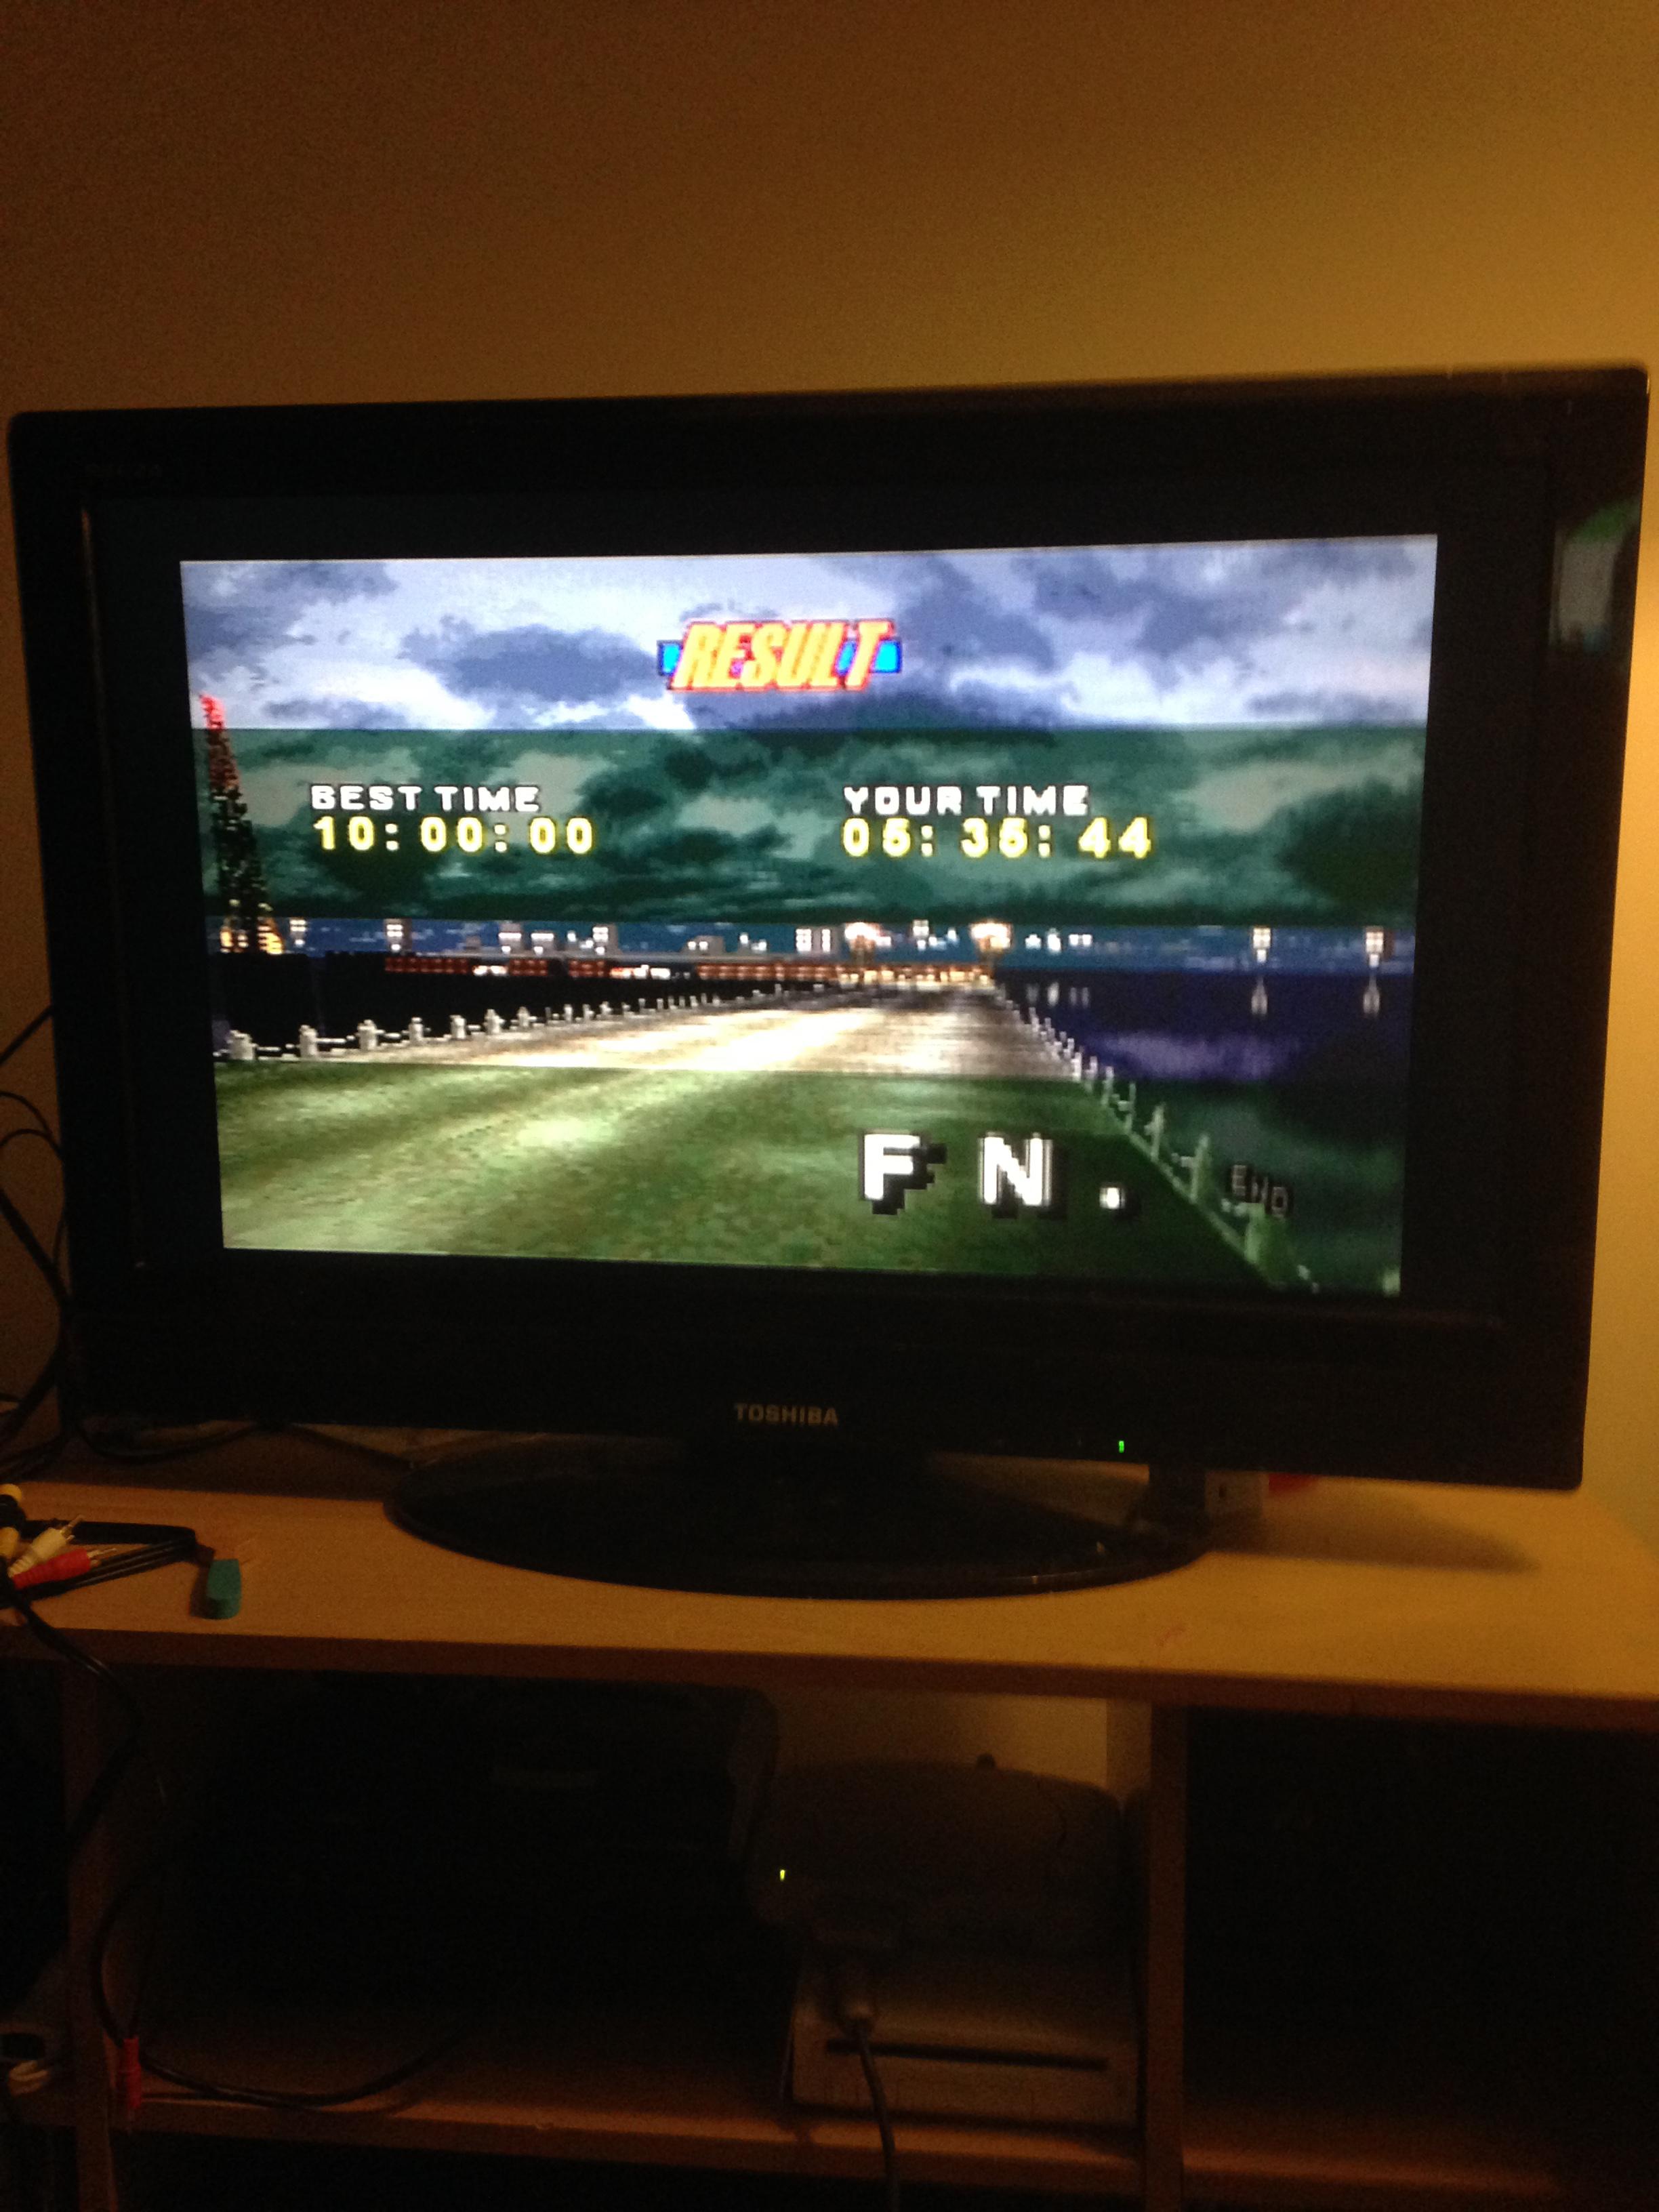 Felony 11-79 [Paris] time of 0:05:35.44